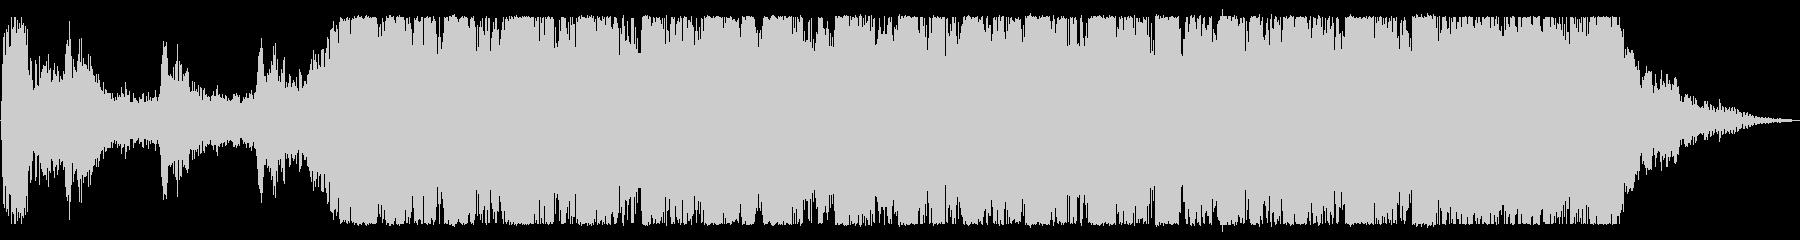 無機質で金属的なBGMの未再生の波形